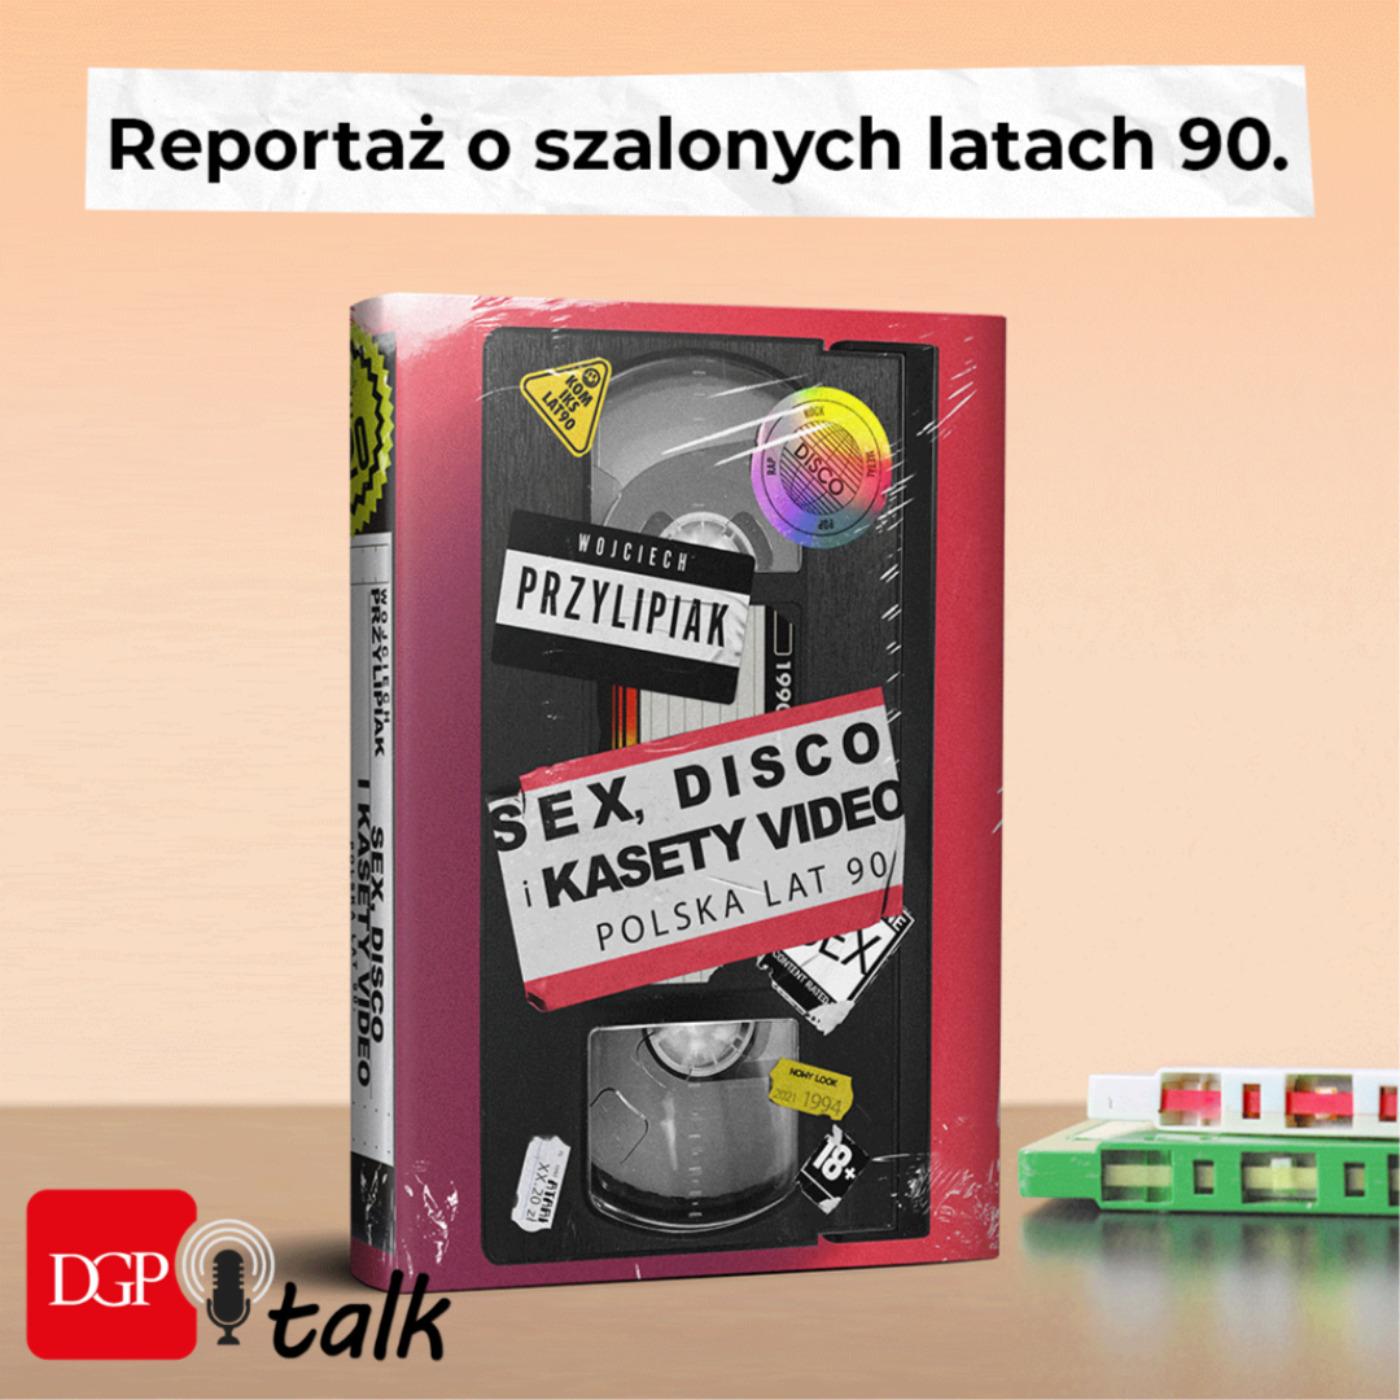 """Wojciech Przylipiak: """"Sex, disco i kasety video"""" to książka o namiętnościach lat 90."""